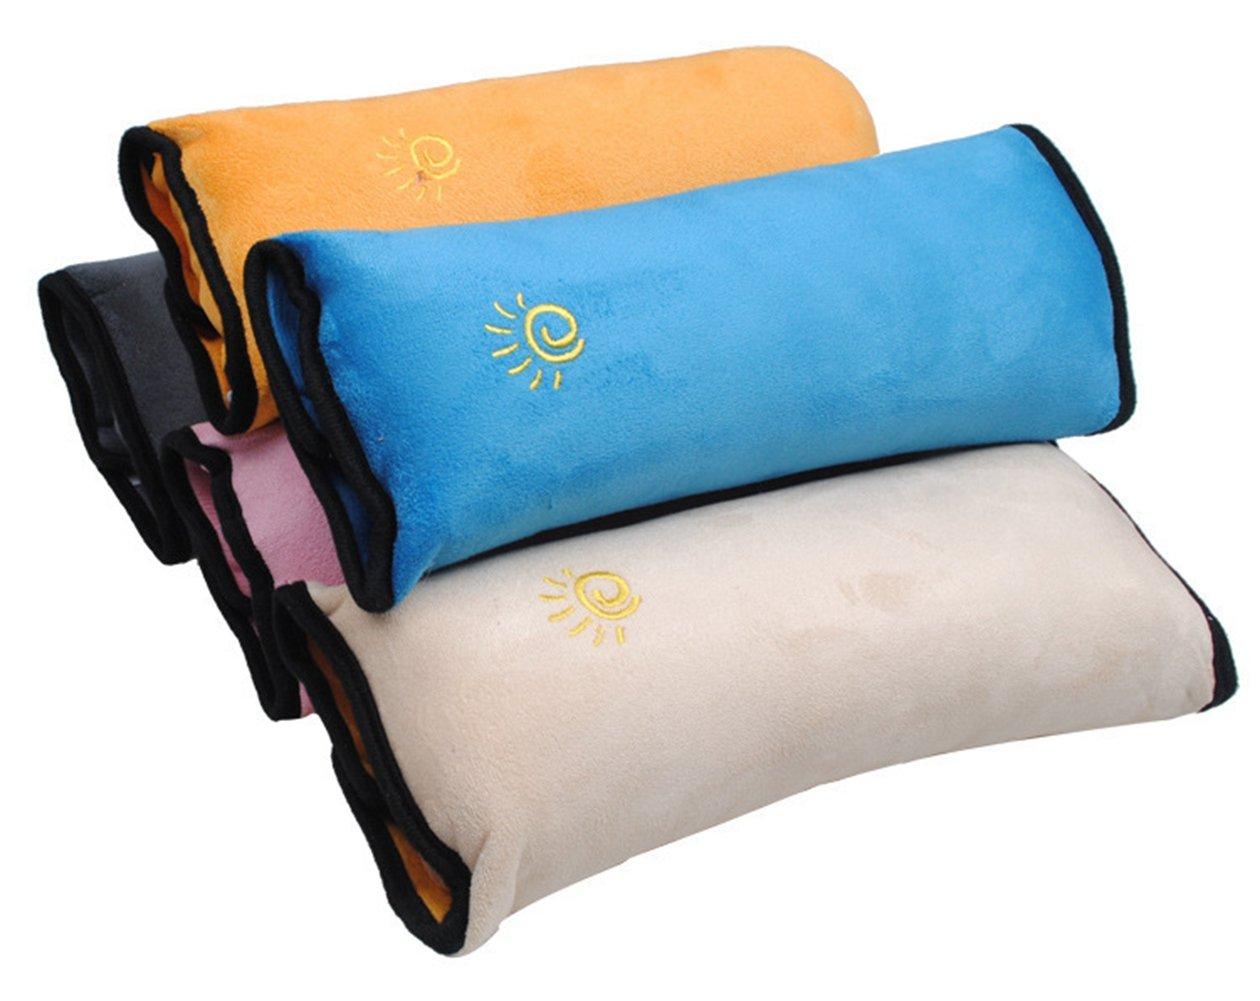 Tpfocus Children Kids Car Safety Seat Belt Pillow Shoulder Strap Pad Head Support Sleep Pillow Set of 5